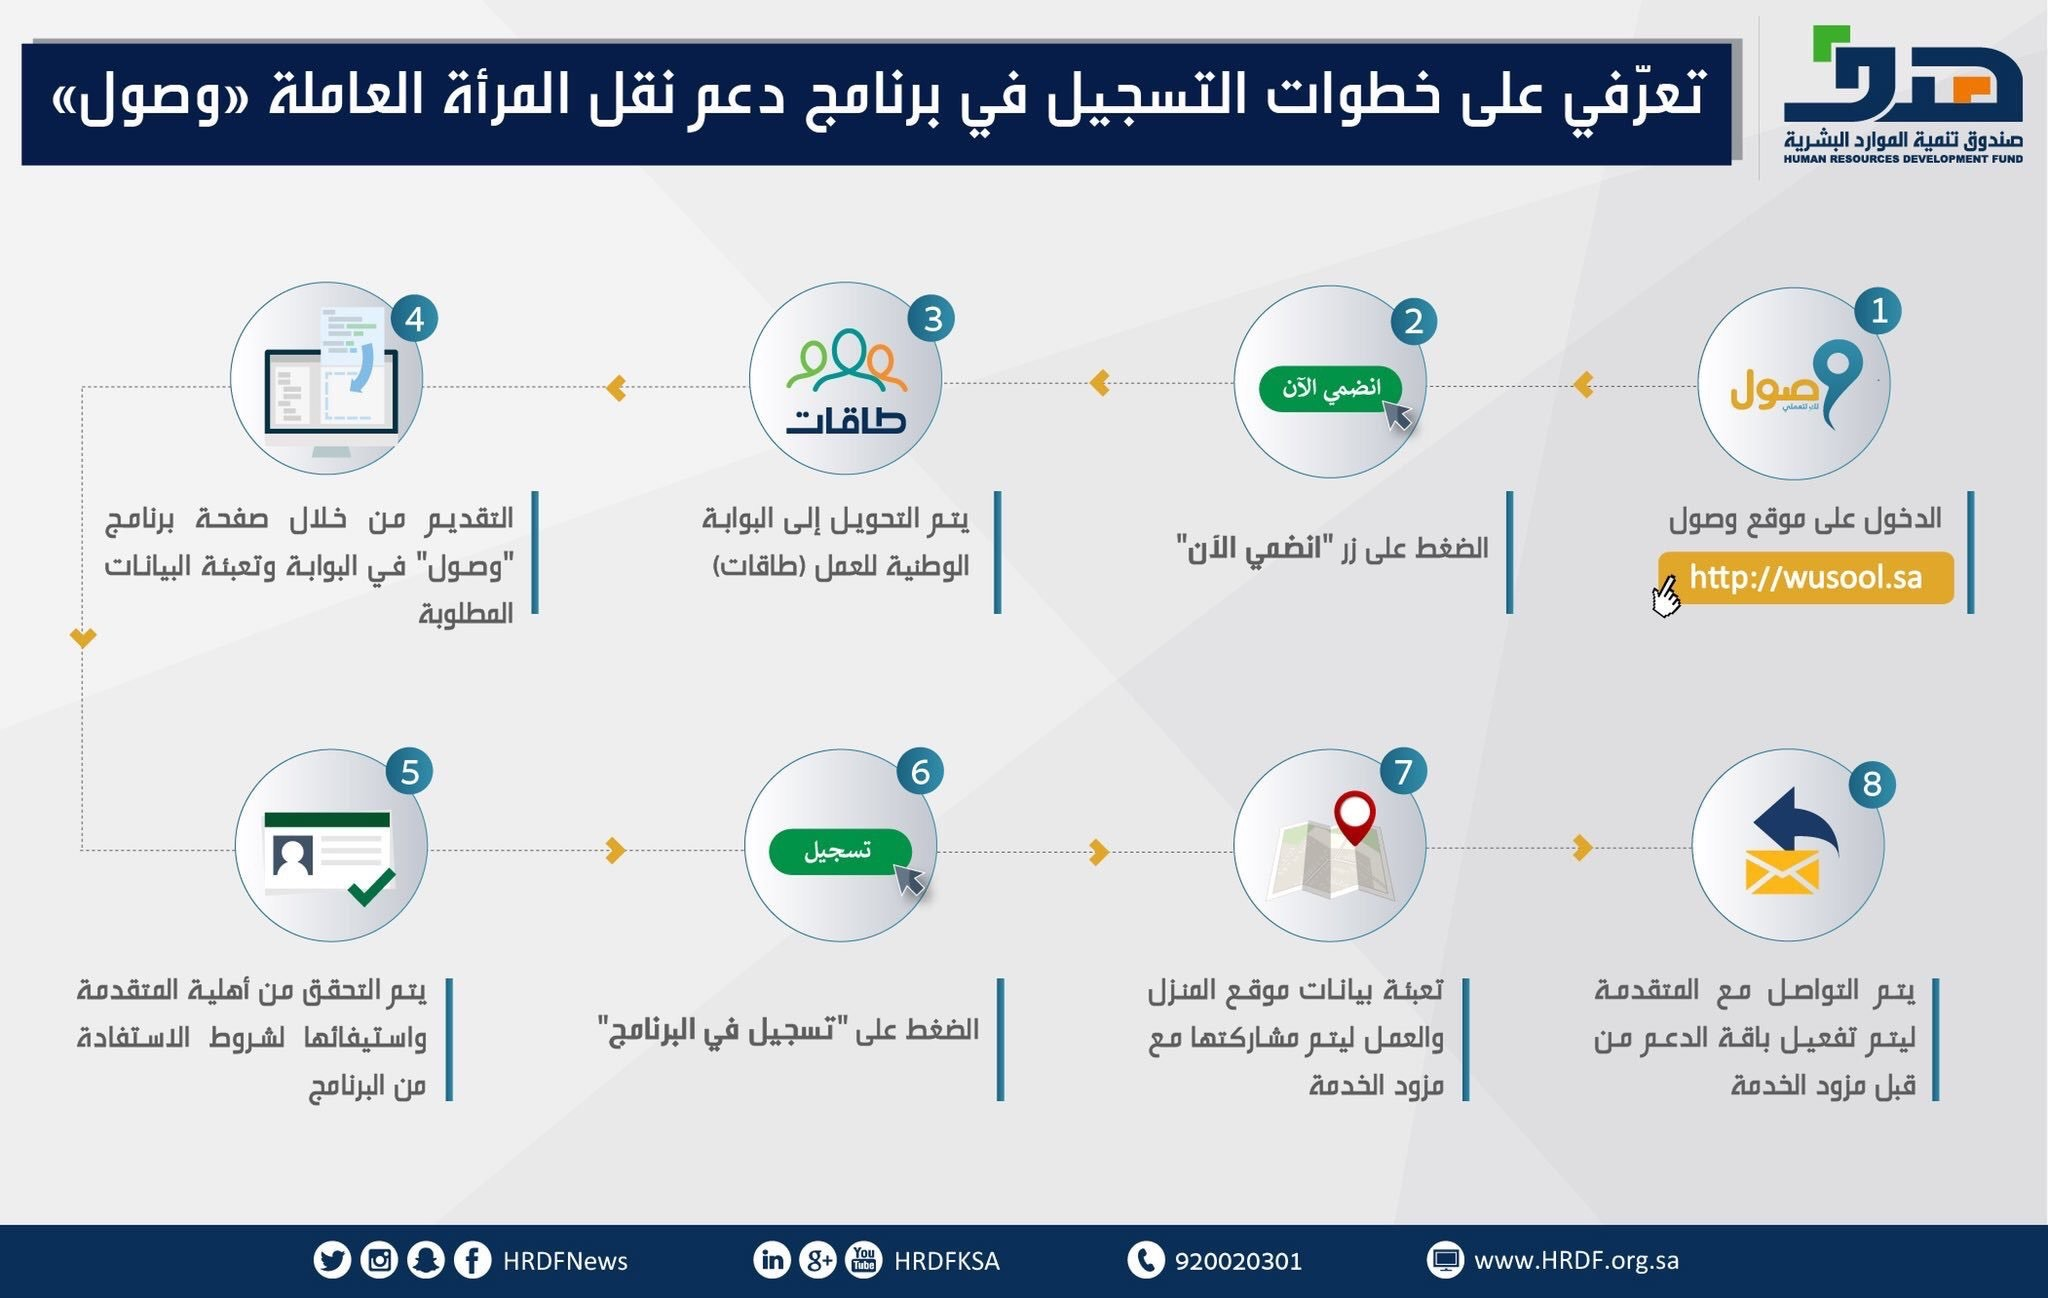 """""""هدف"""": 25 ألف موظفة سعودية استفدن من برنامج دعم النقل"""